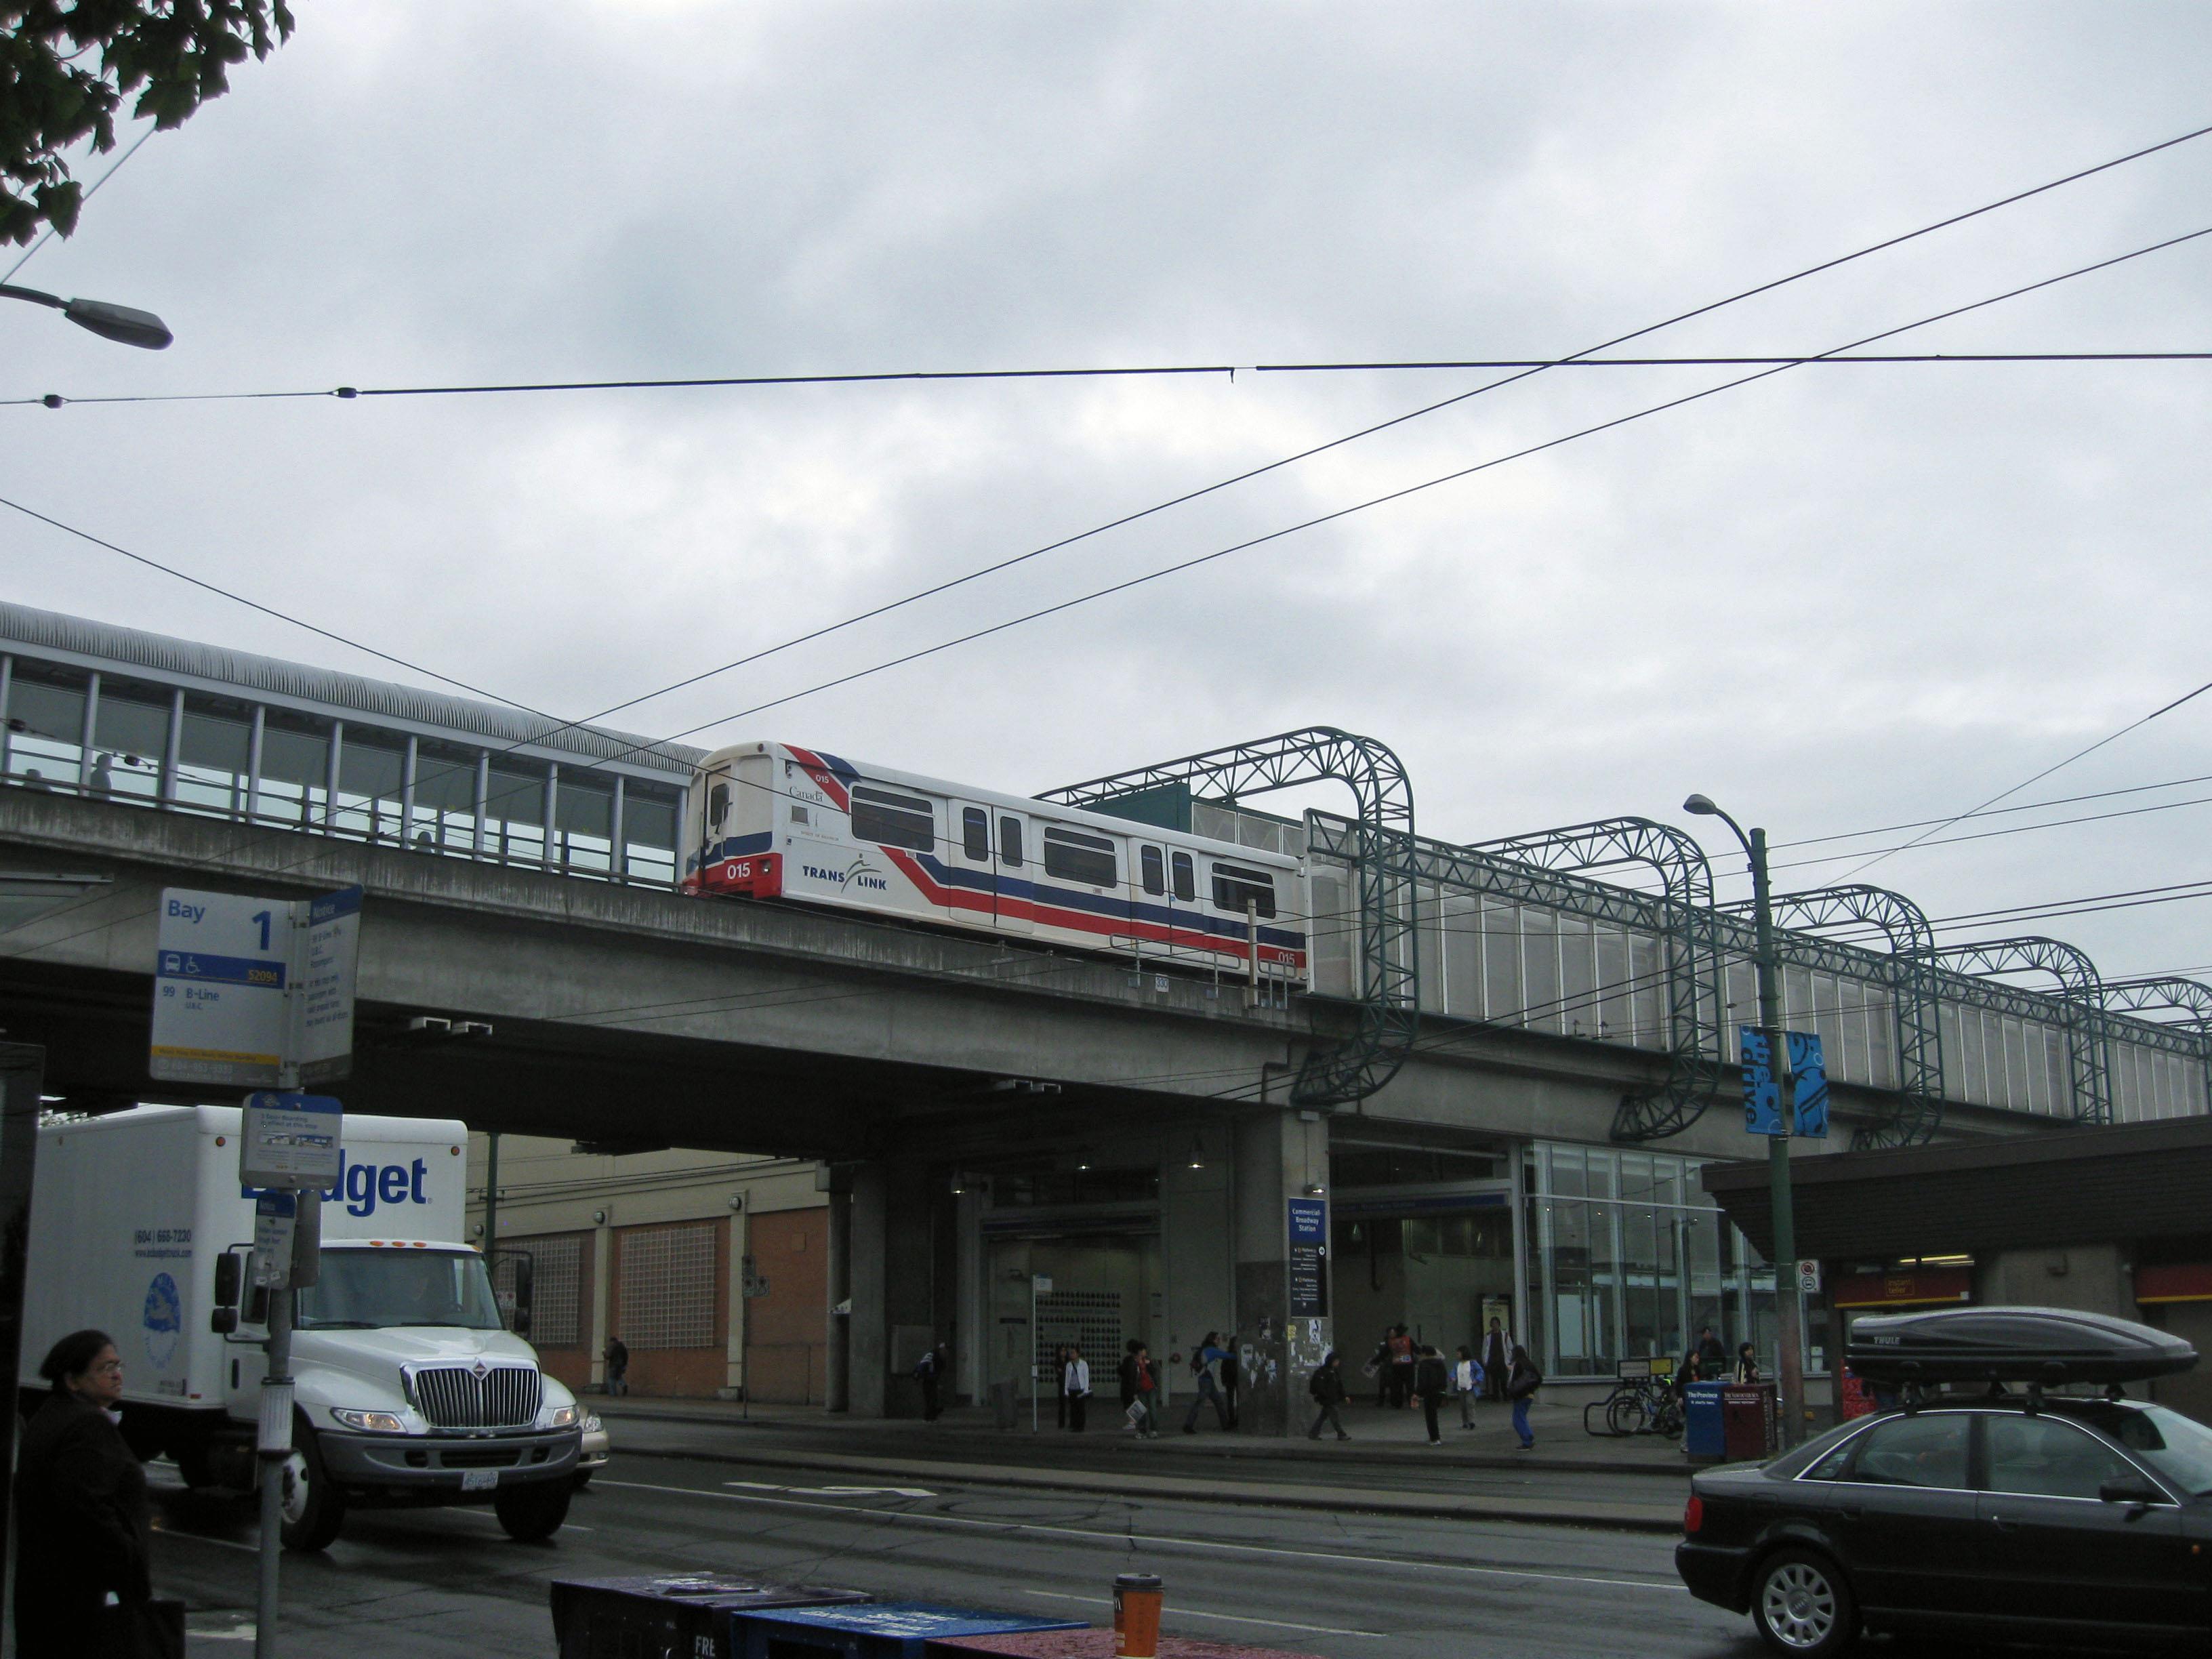 La station Broadway sur la ligne Expo, en 2010